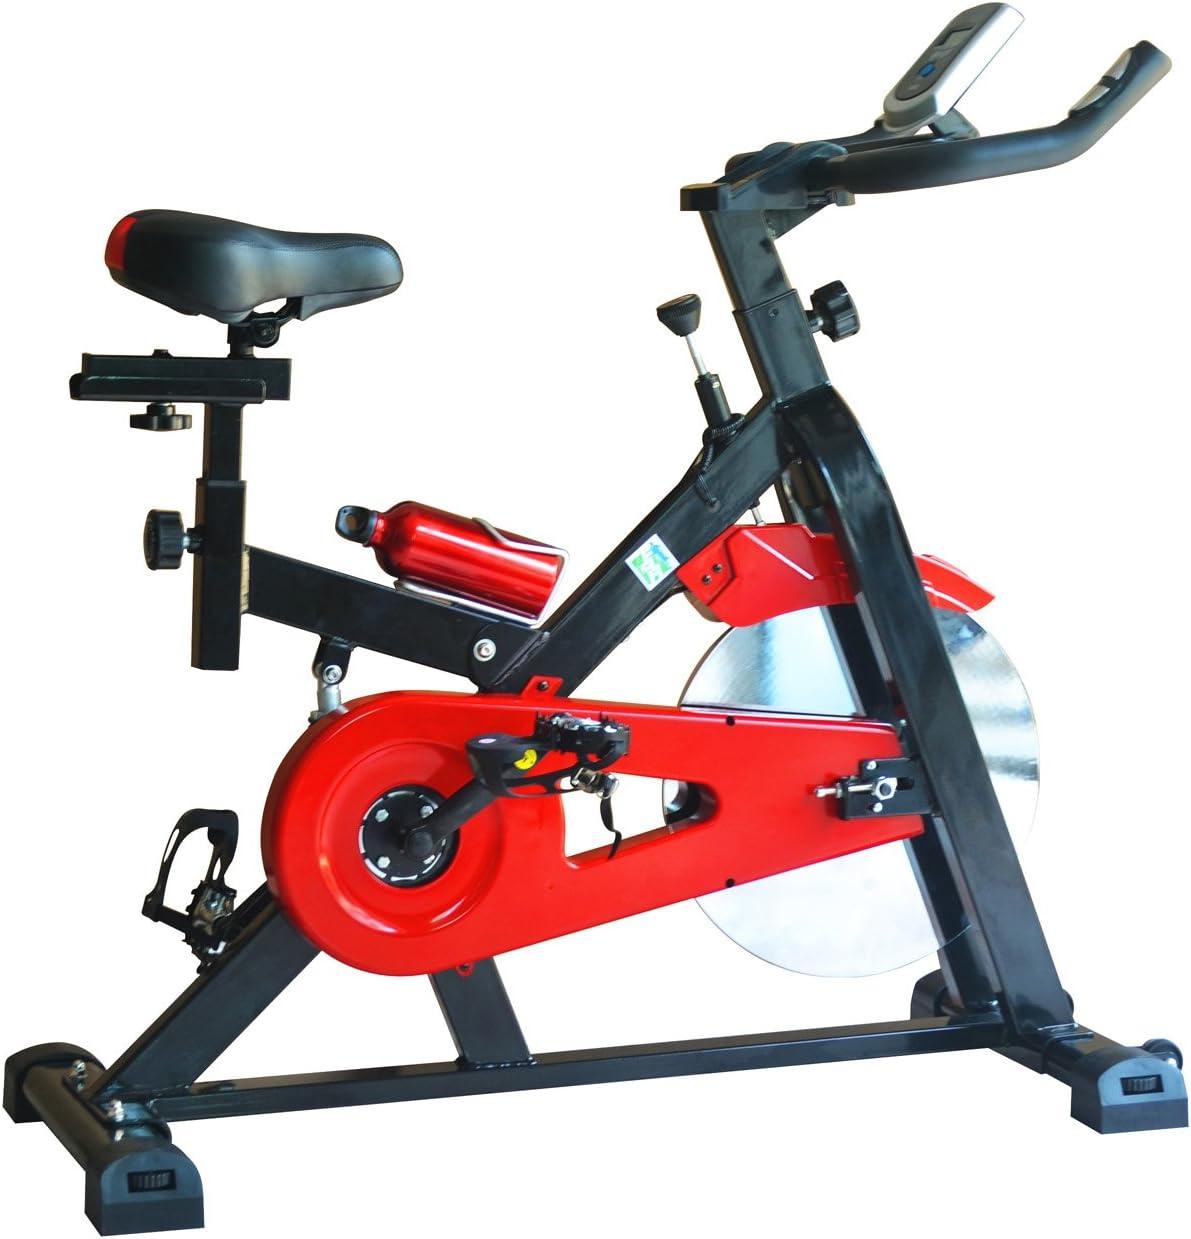 OLYMPIC Indoor Cycling - Bicicletas estáticas y de Spinning para Fitness, Color Blanco: Amazon.es: Deportes y aire libre